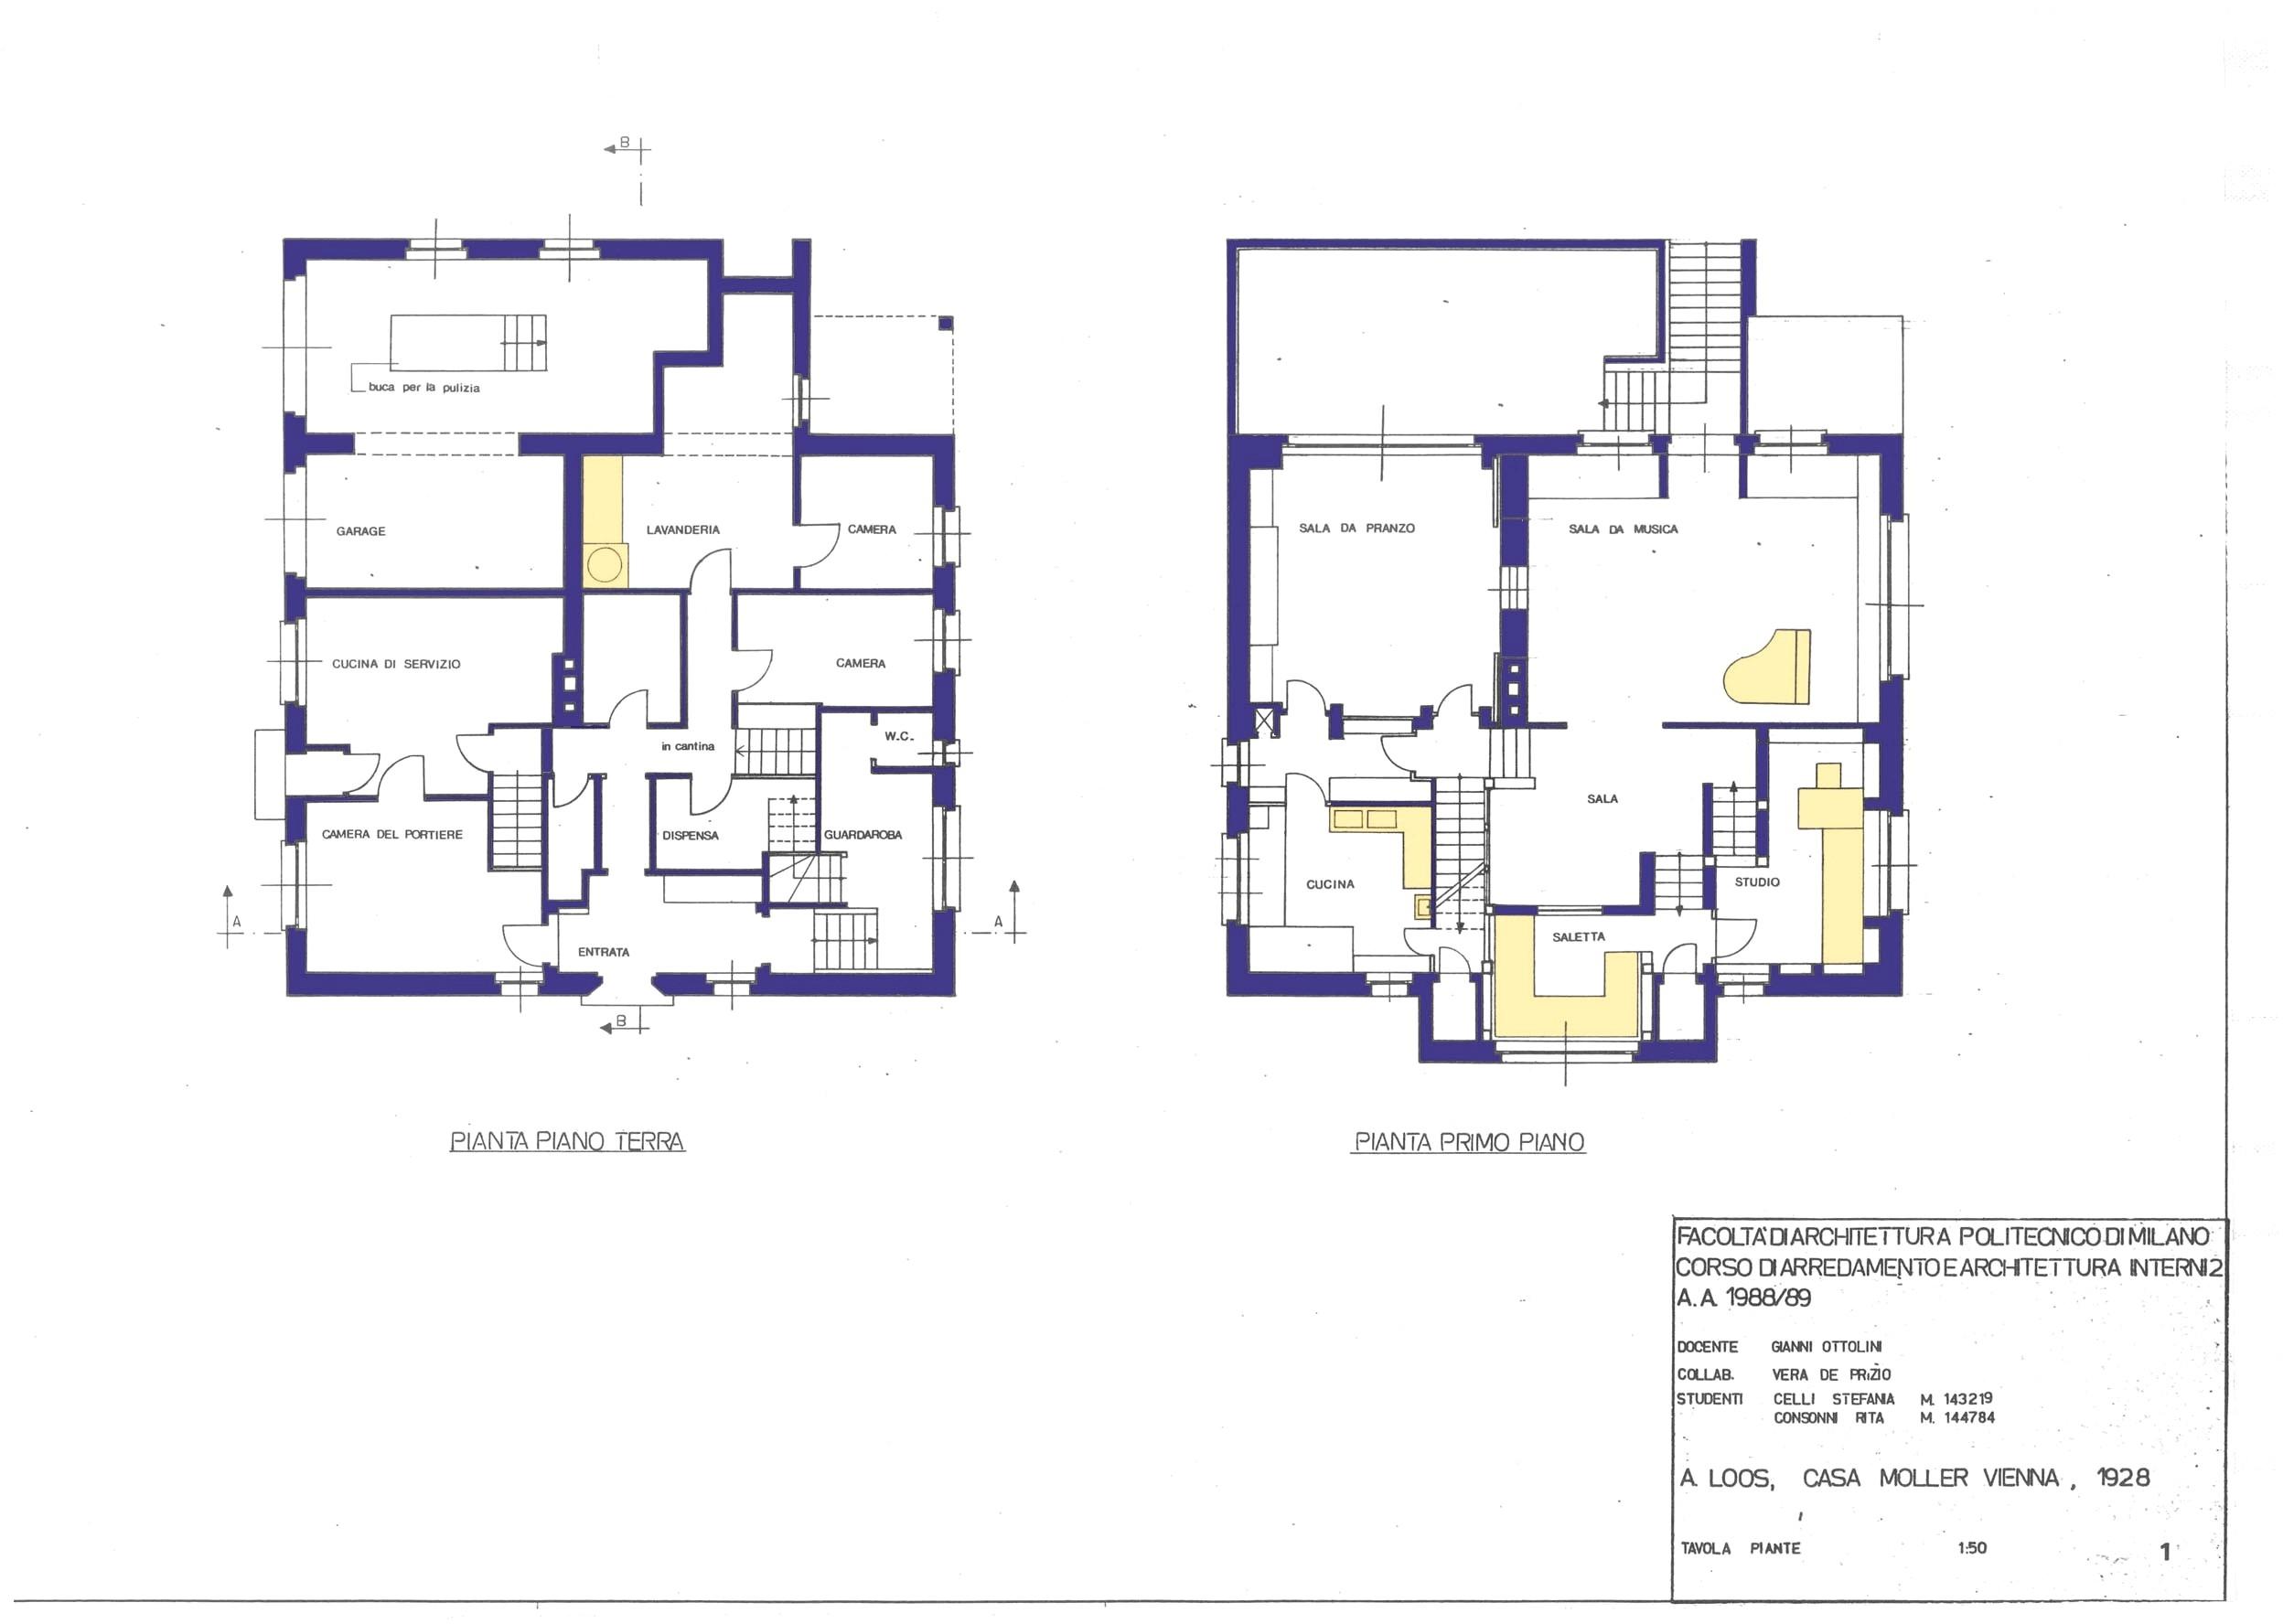 16a 20 house plans new garage plans free best free floor plans unique design plan